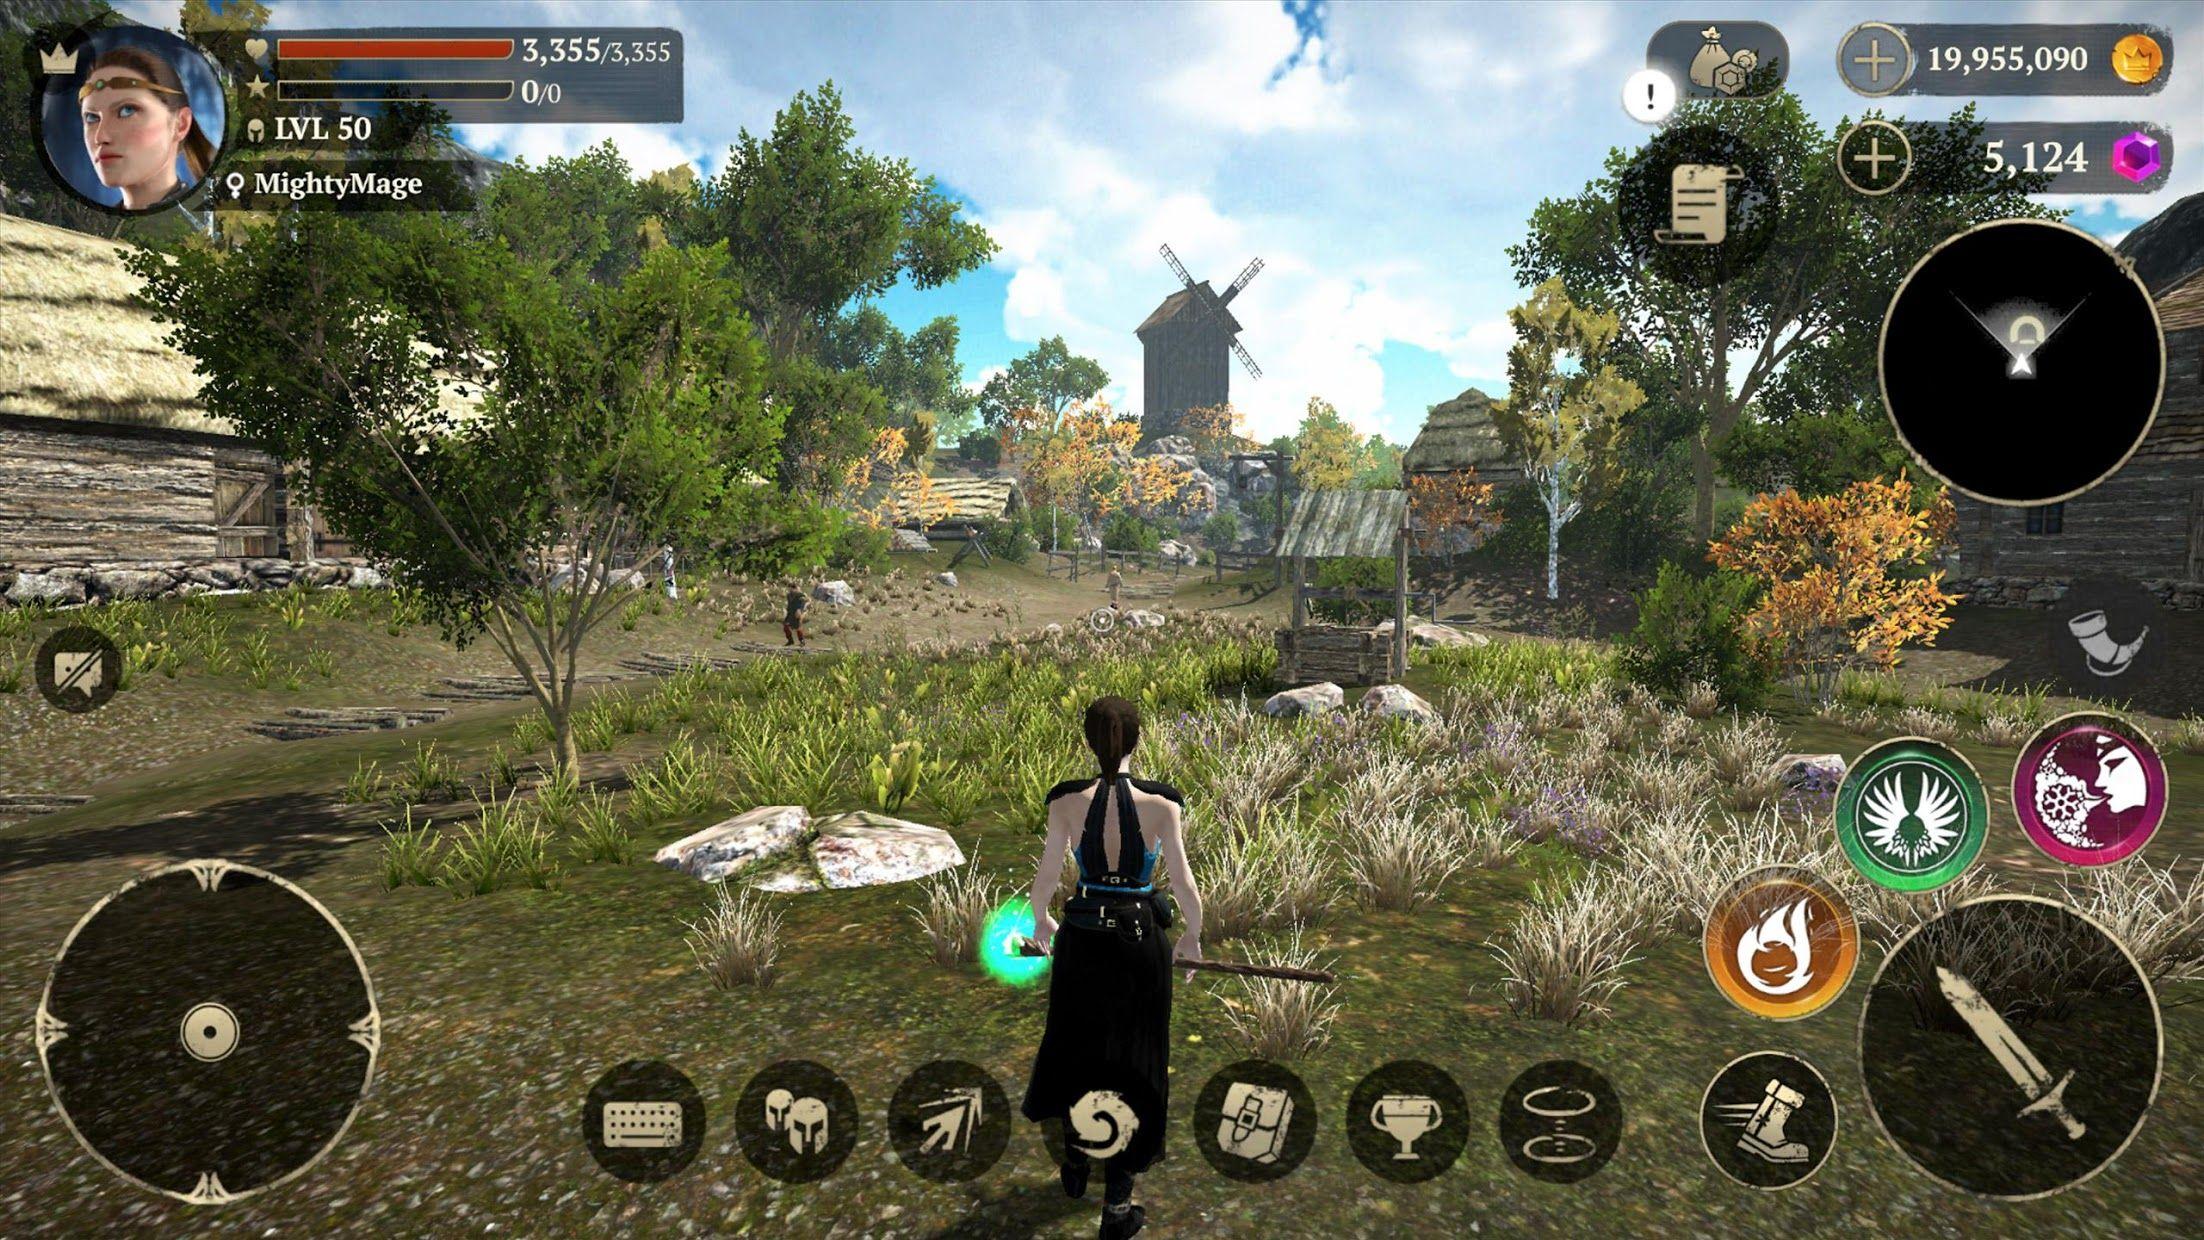 Evil Lands: Online Action RPG 游戏截图1